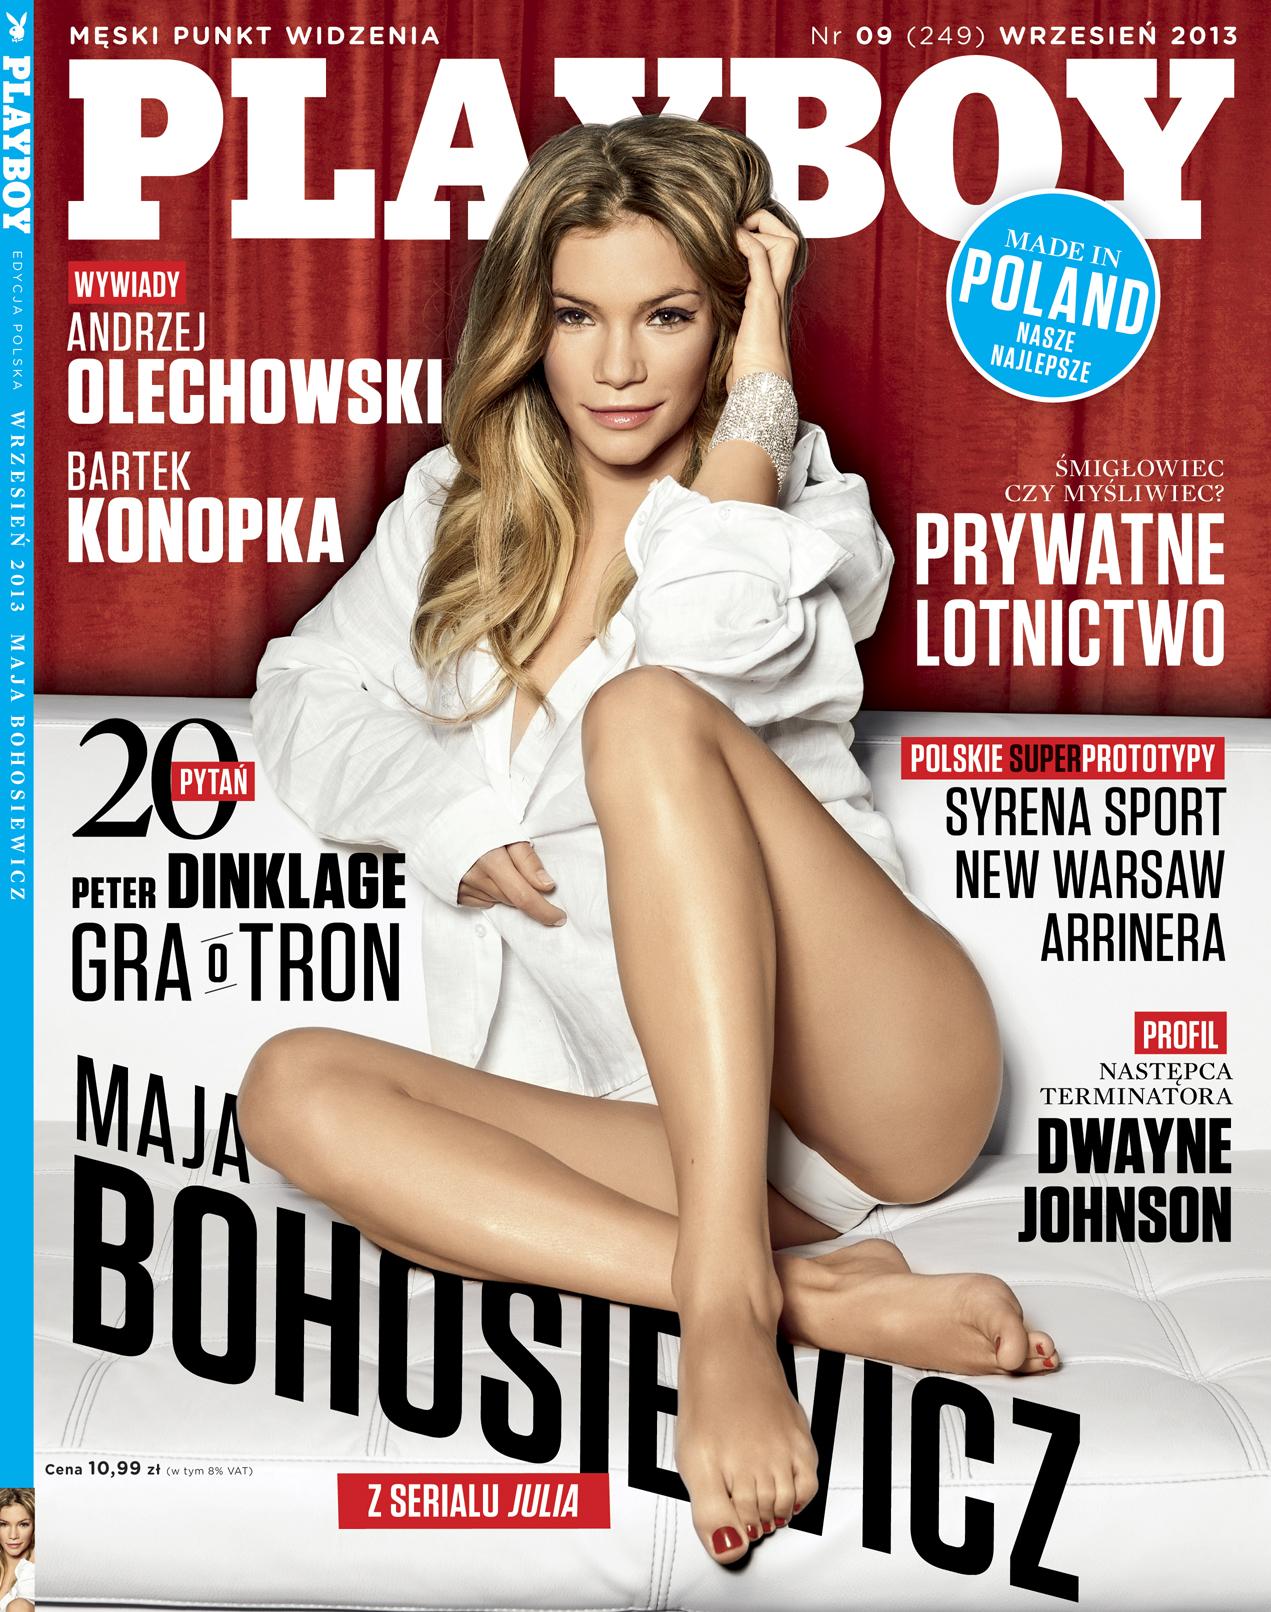 Playboy wrzesień 2013